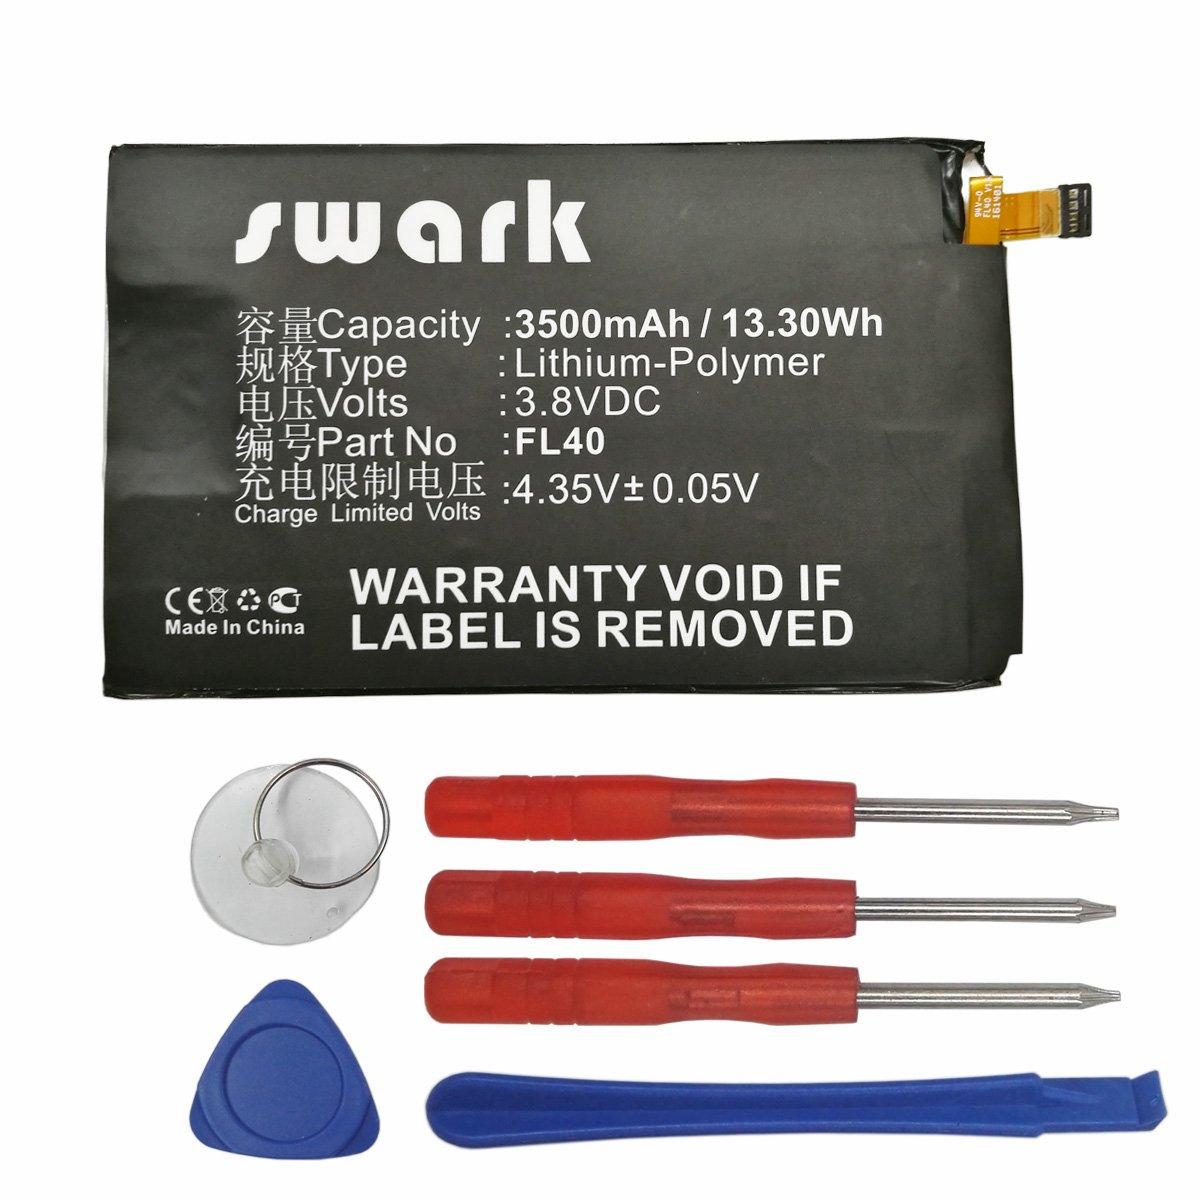 Bateria Celular Swark Fl40 Compatible Con Motorola Droid Maxx 2 Xt1565 Moto X Play 3a Dual Xt1543 Xt1544 Moto X Play Xt1